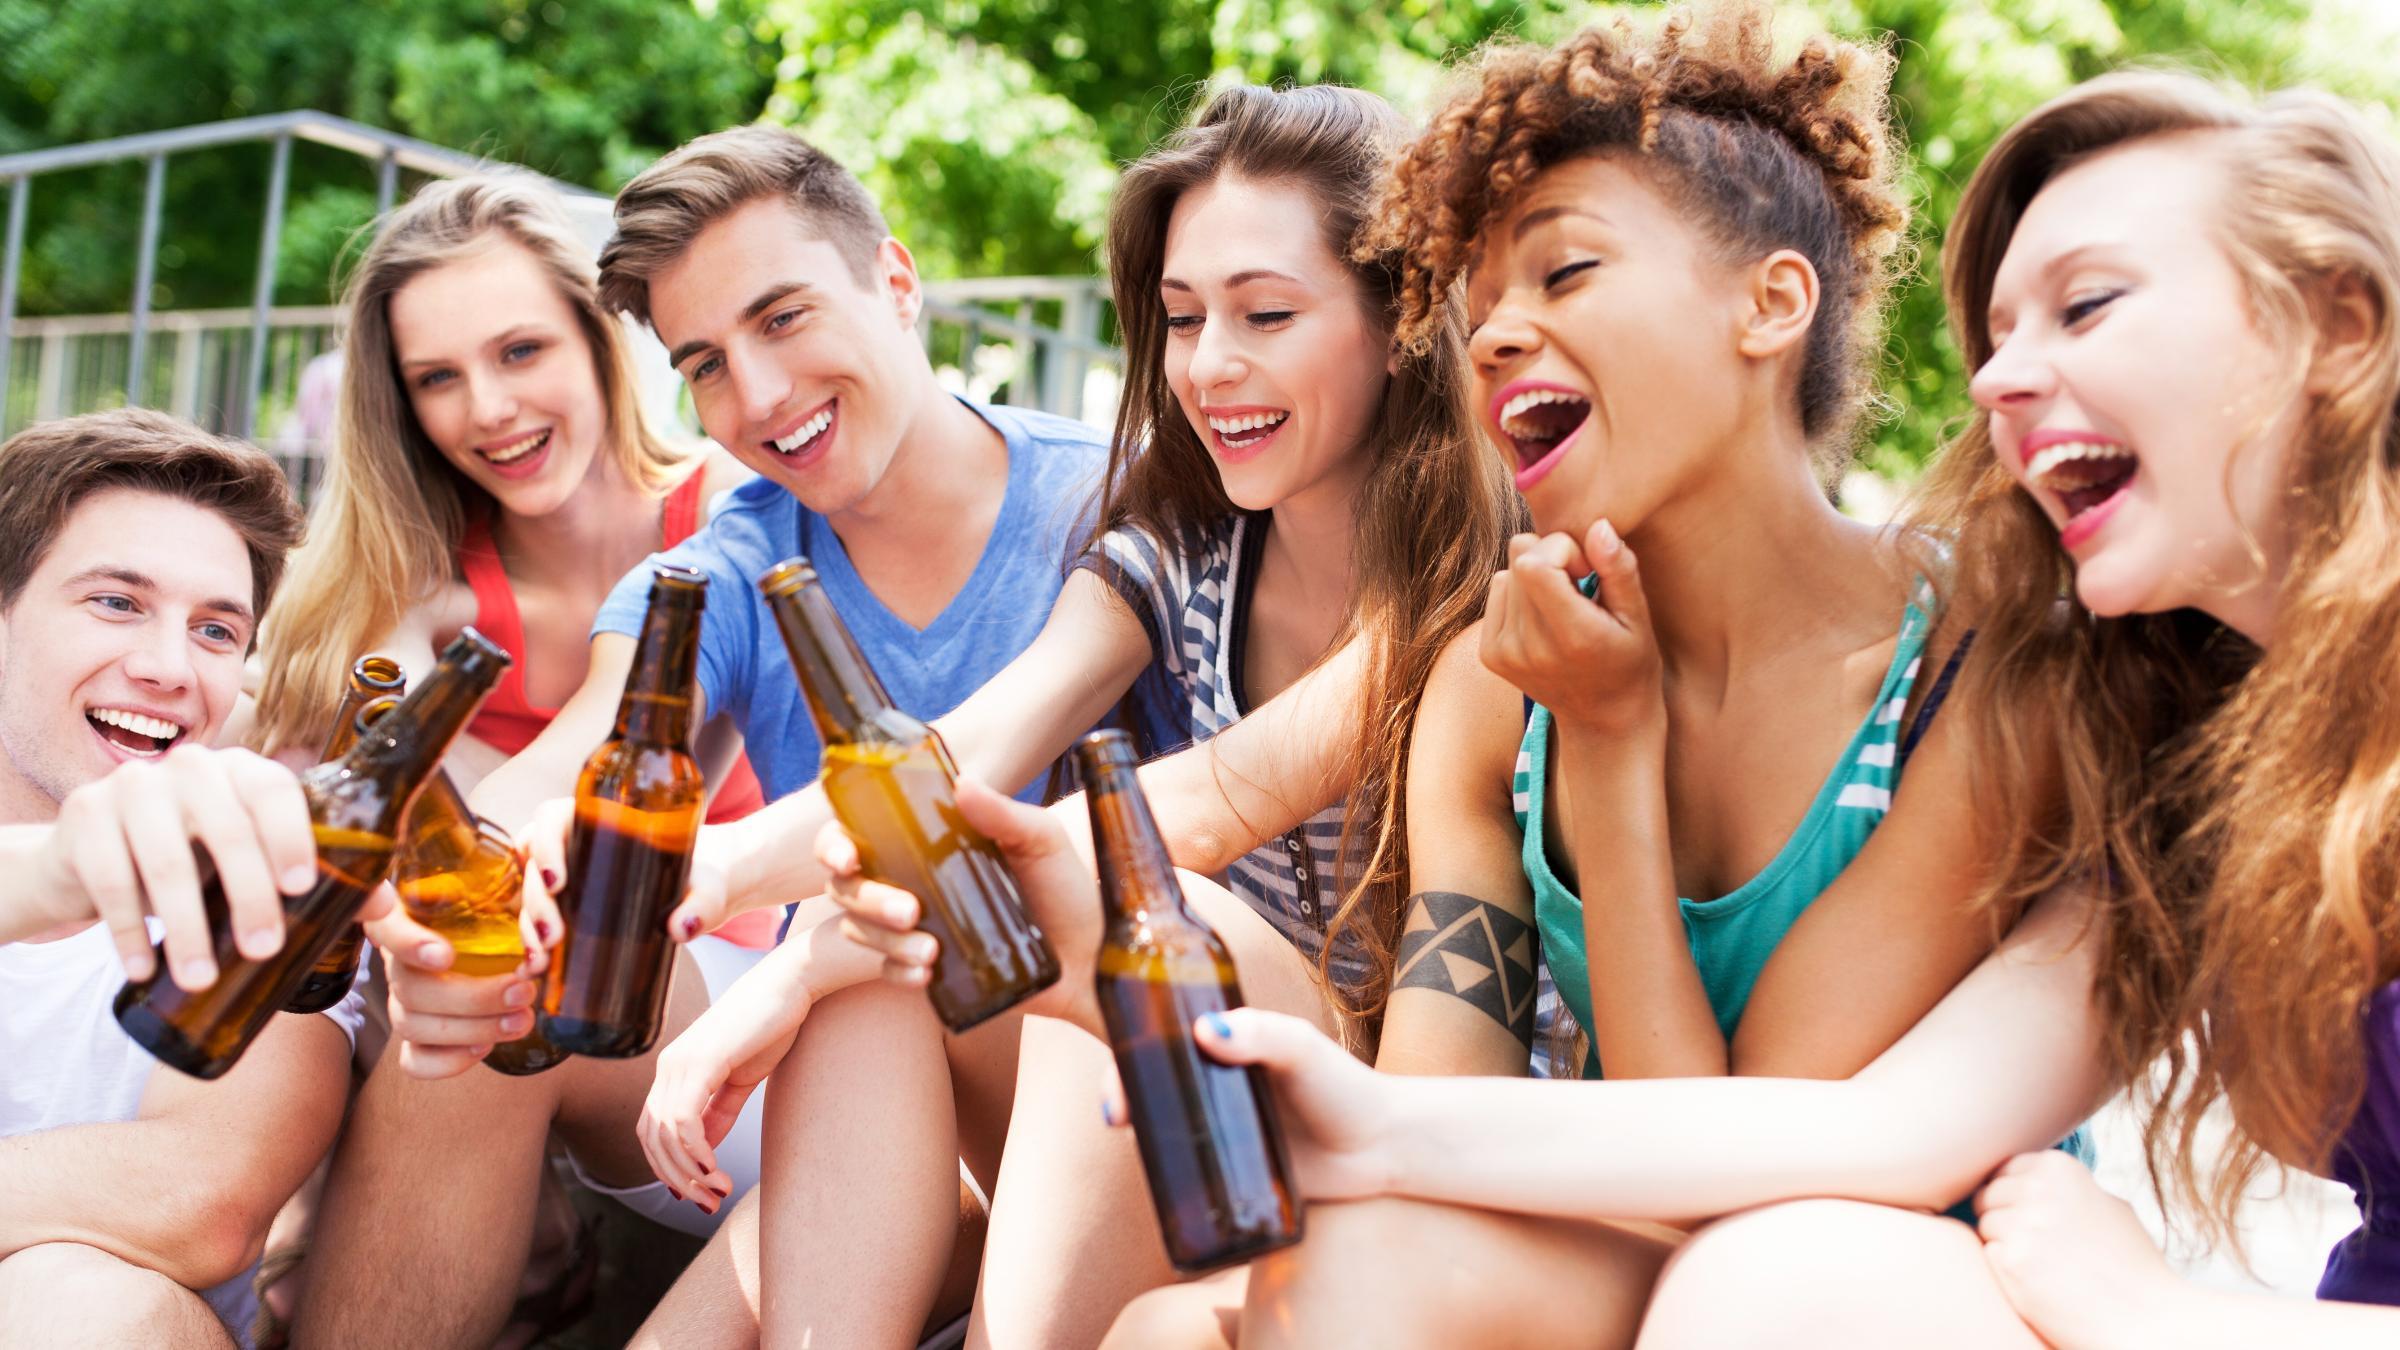 Мужчины сильнее подвержены социализирующему действию алкоголя, чем женщины